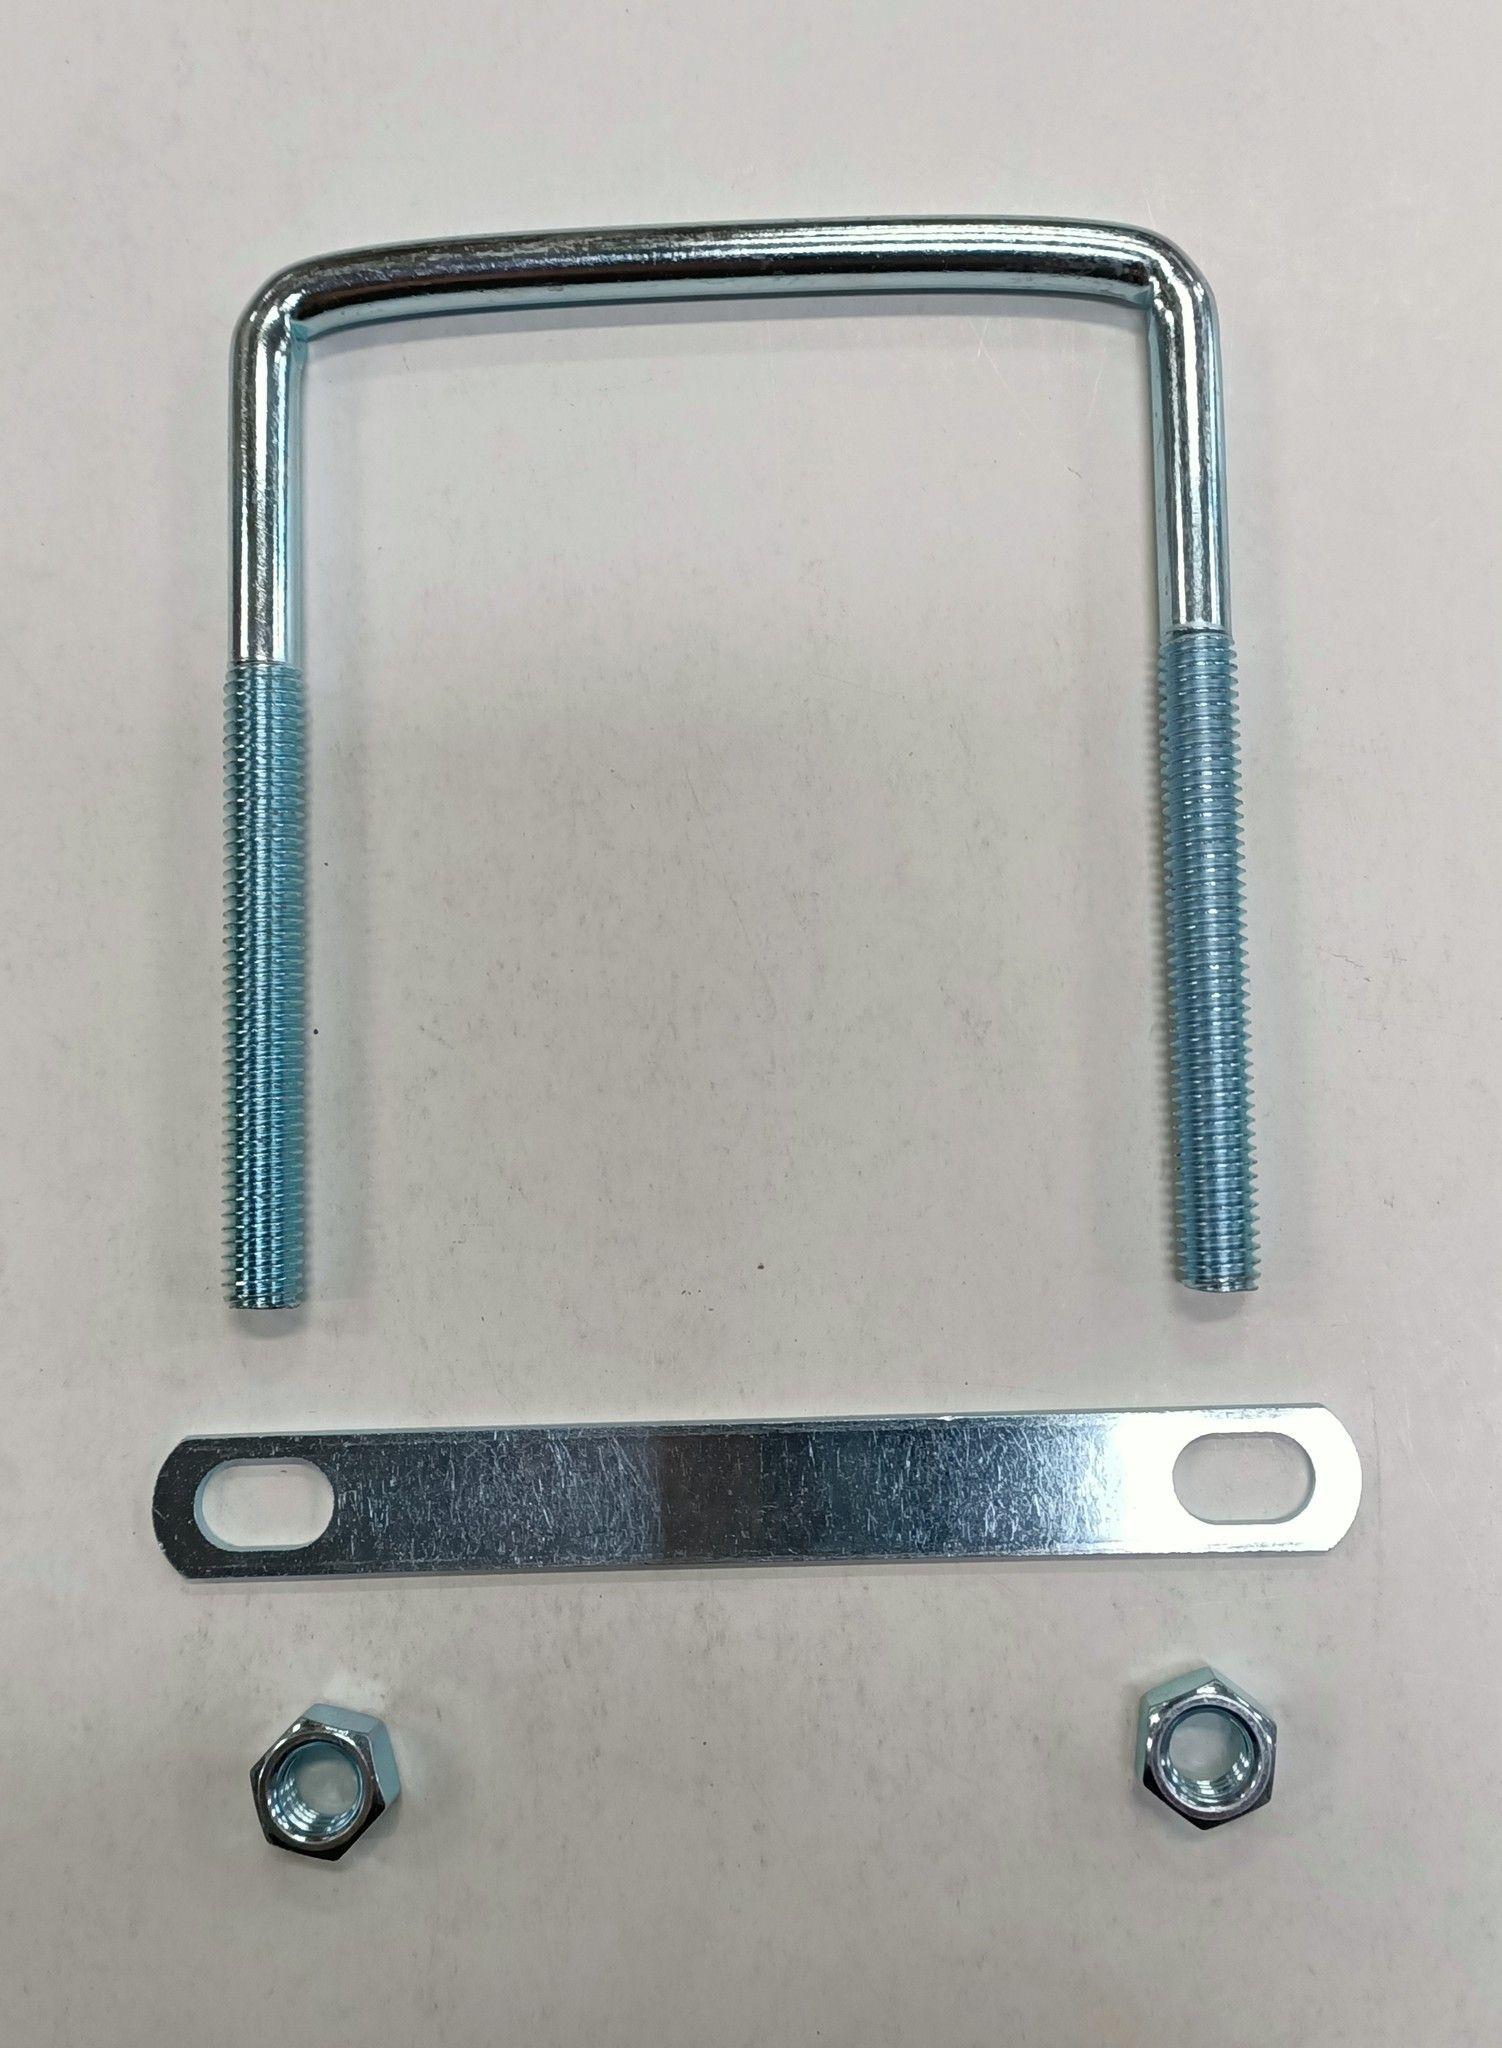 Cavallotto quadro mm 8 x 127 con piastra e dadi in ferro zincato